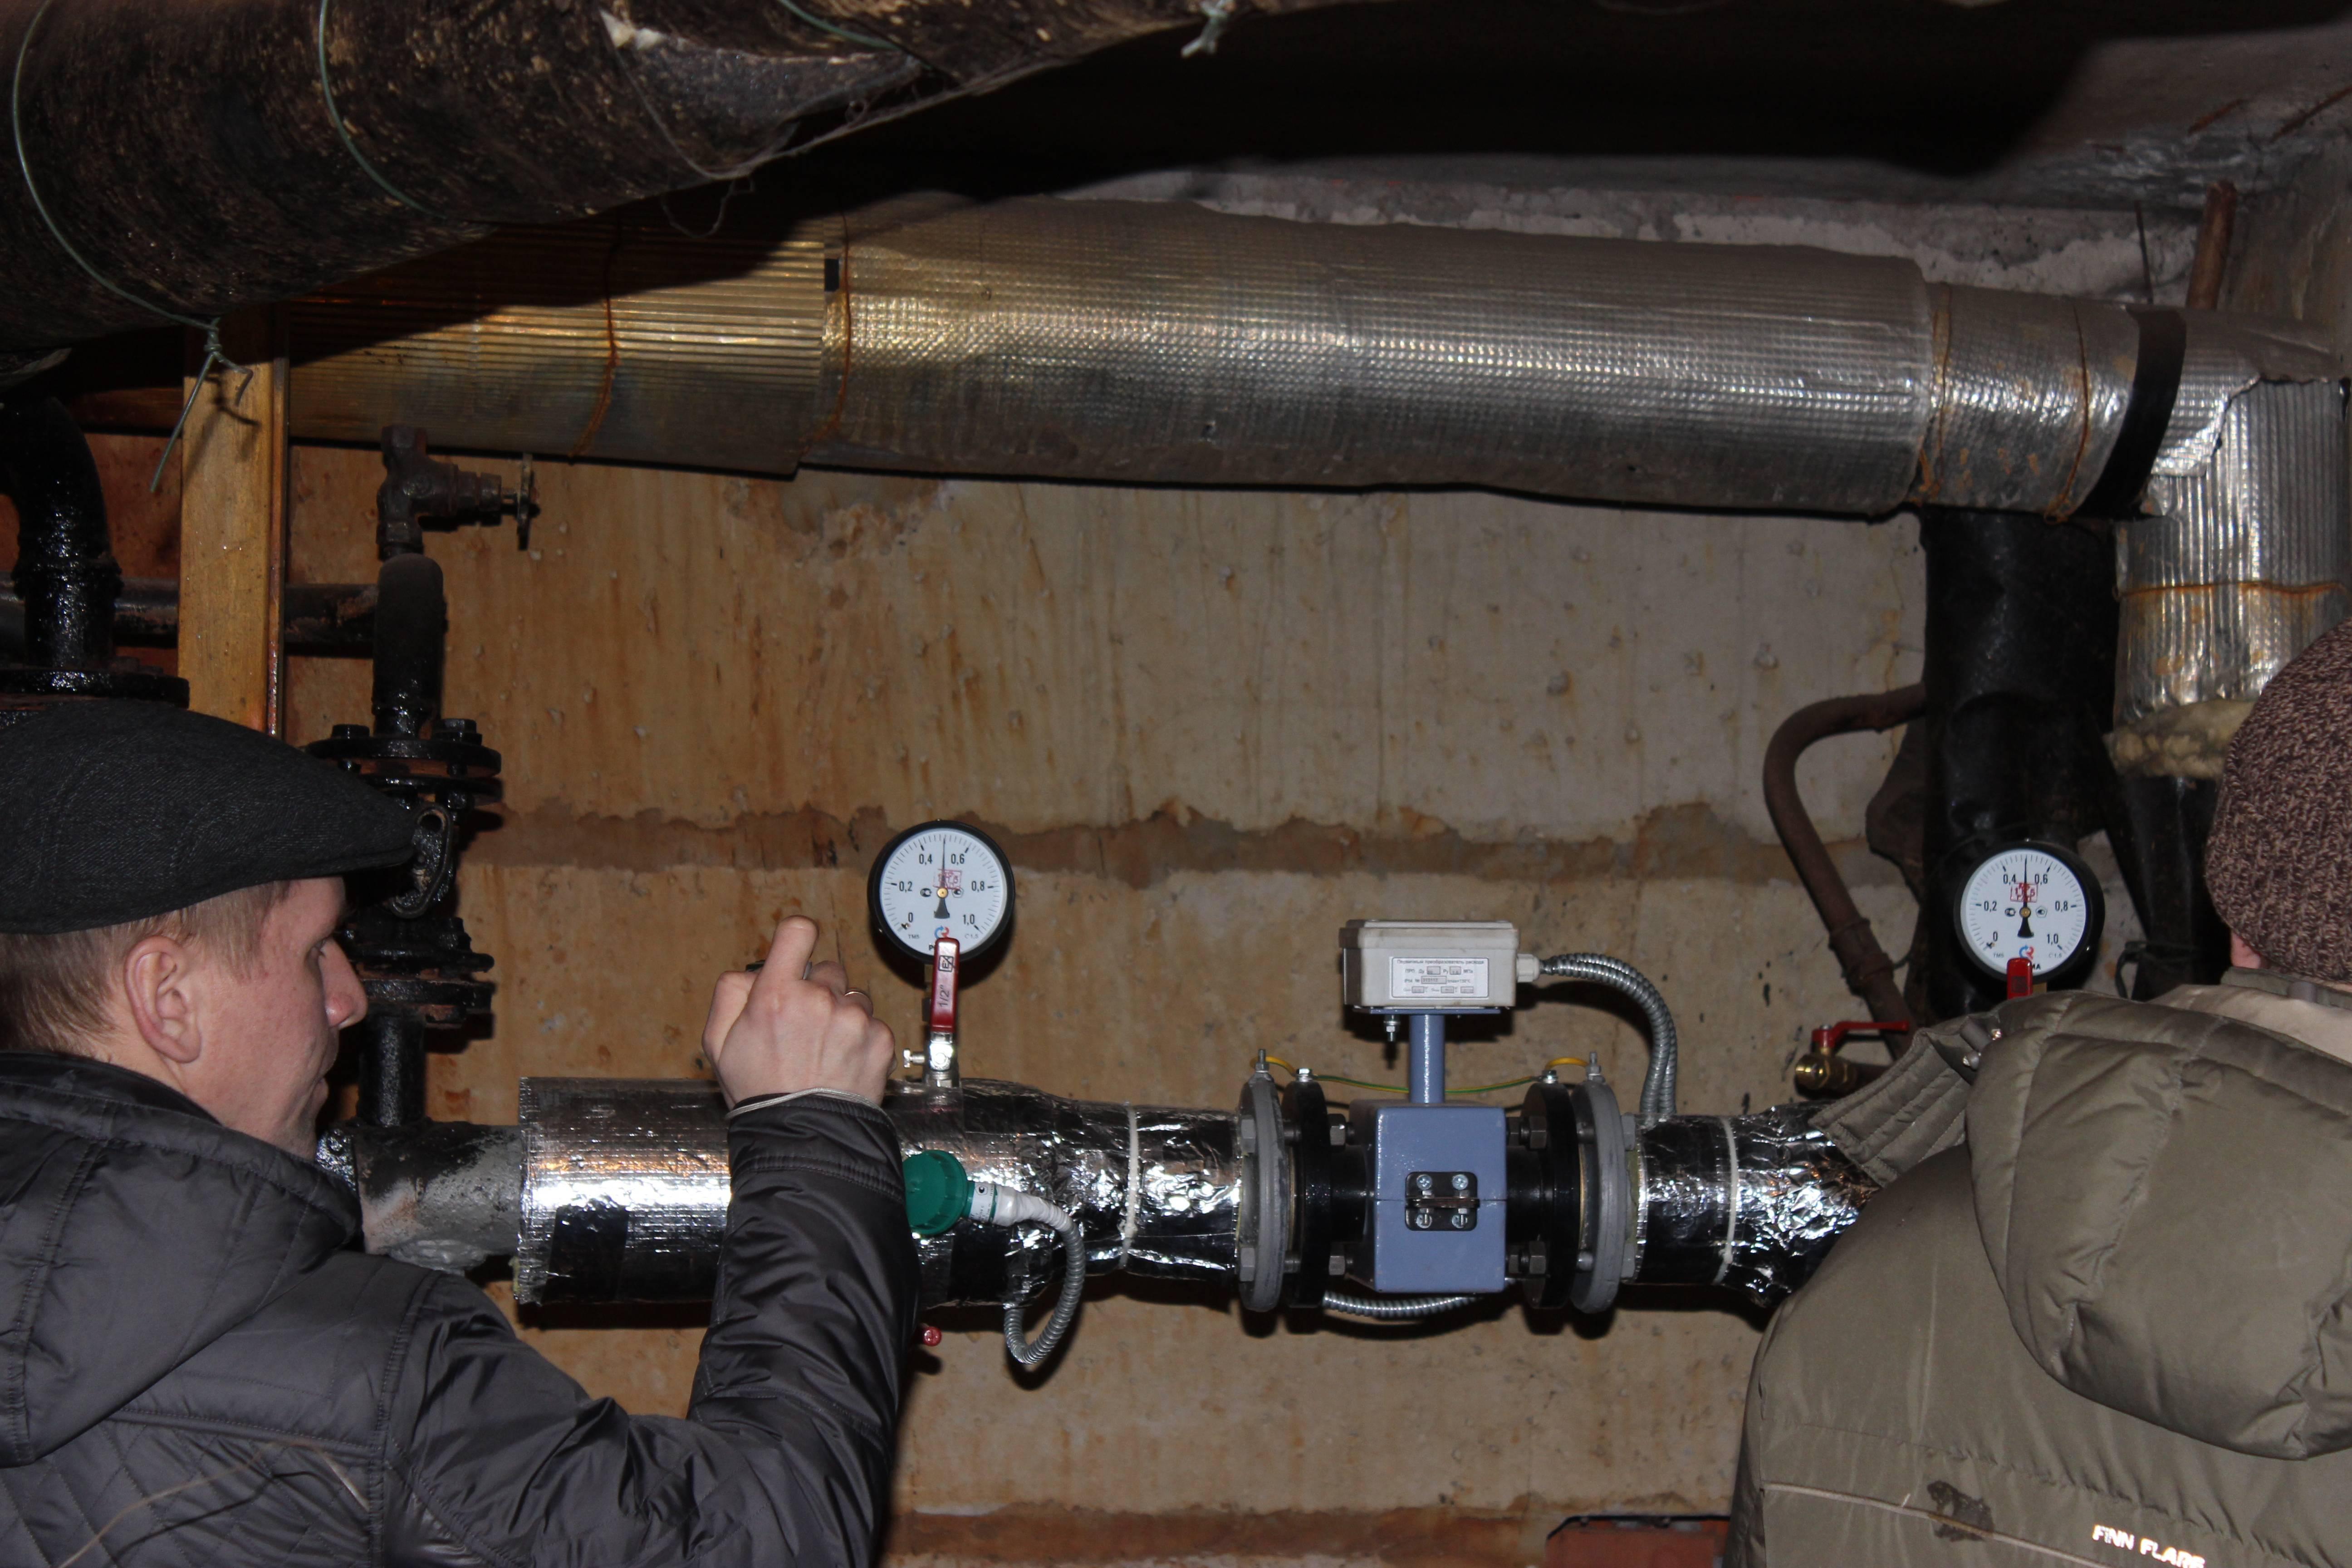 Можно ли поставить счетчик на отопление в квартире многоквартирного дома в 2020 г.: как установить ипу на батарею в мкд с центральным теплоснабжением